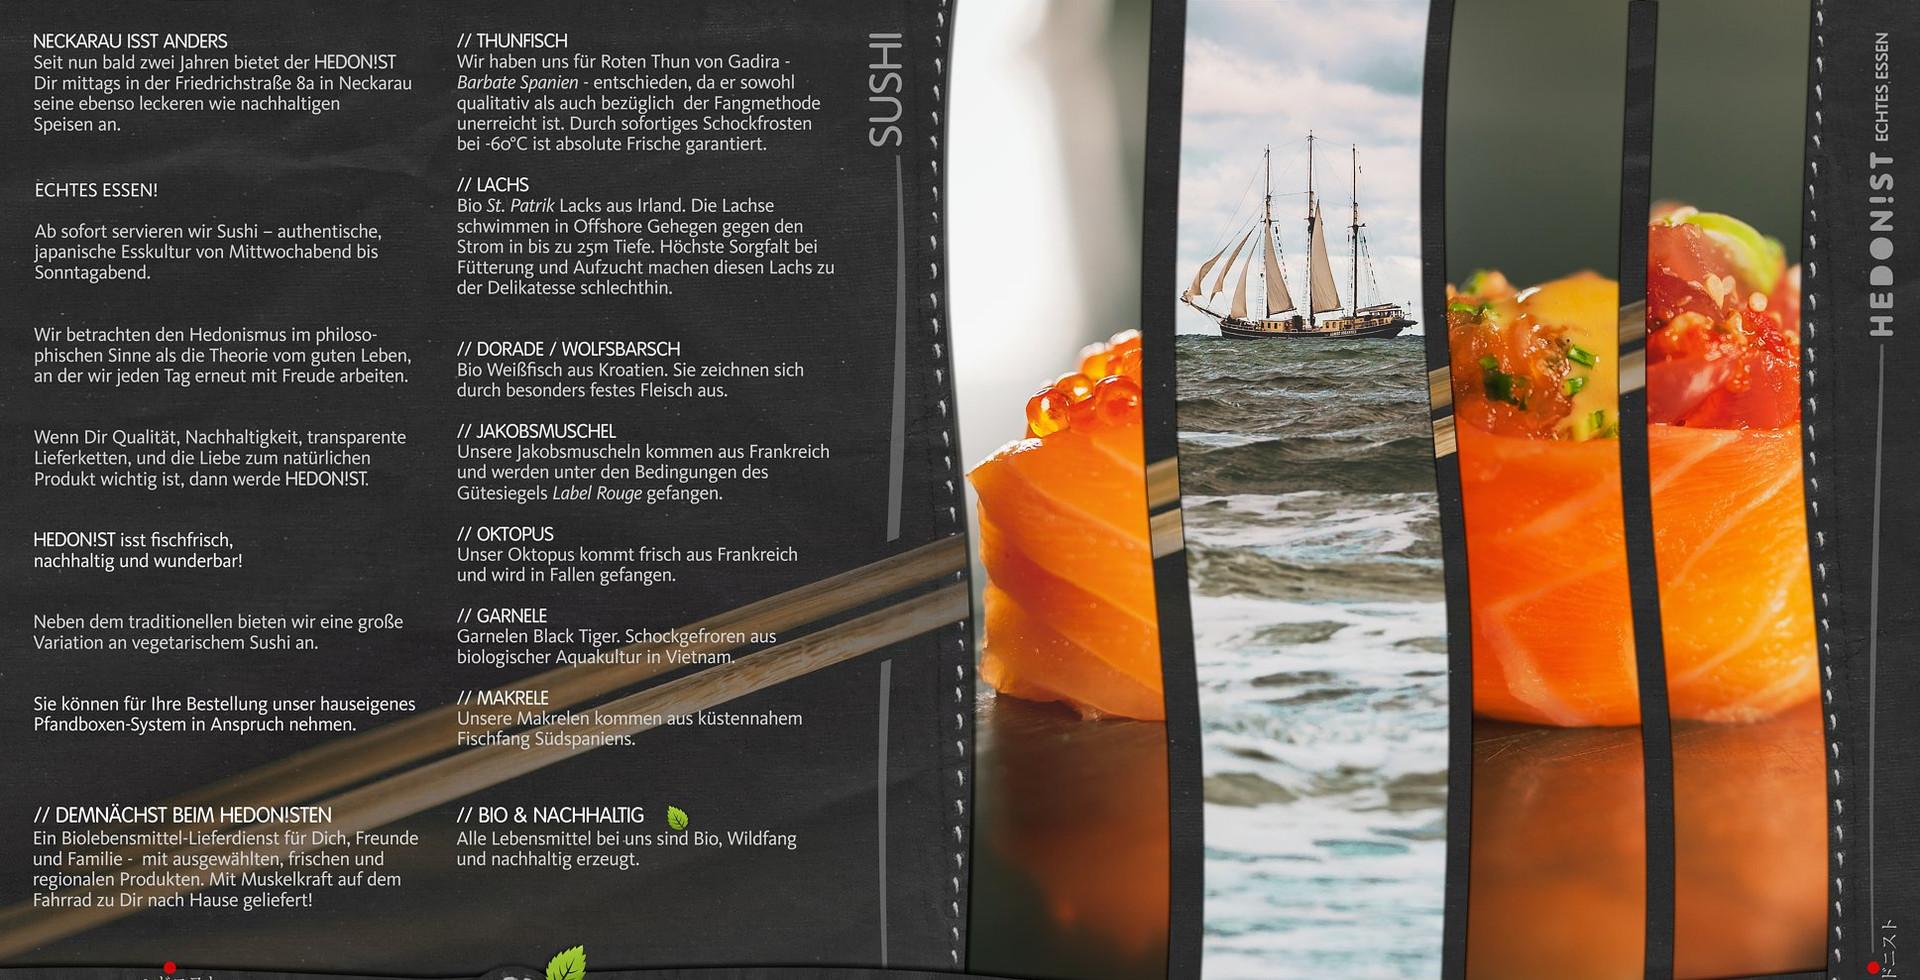 DIN Lang 105x210mm 8 Seiten - Seite02.jp